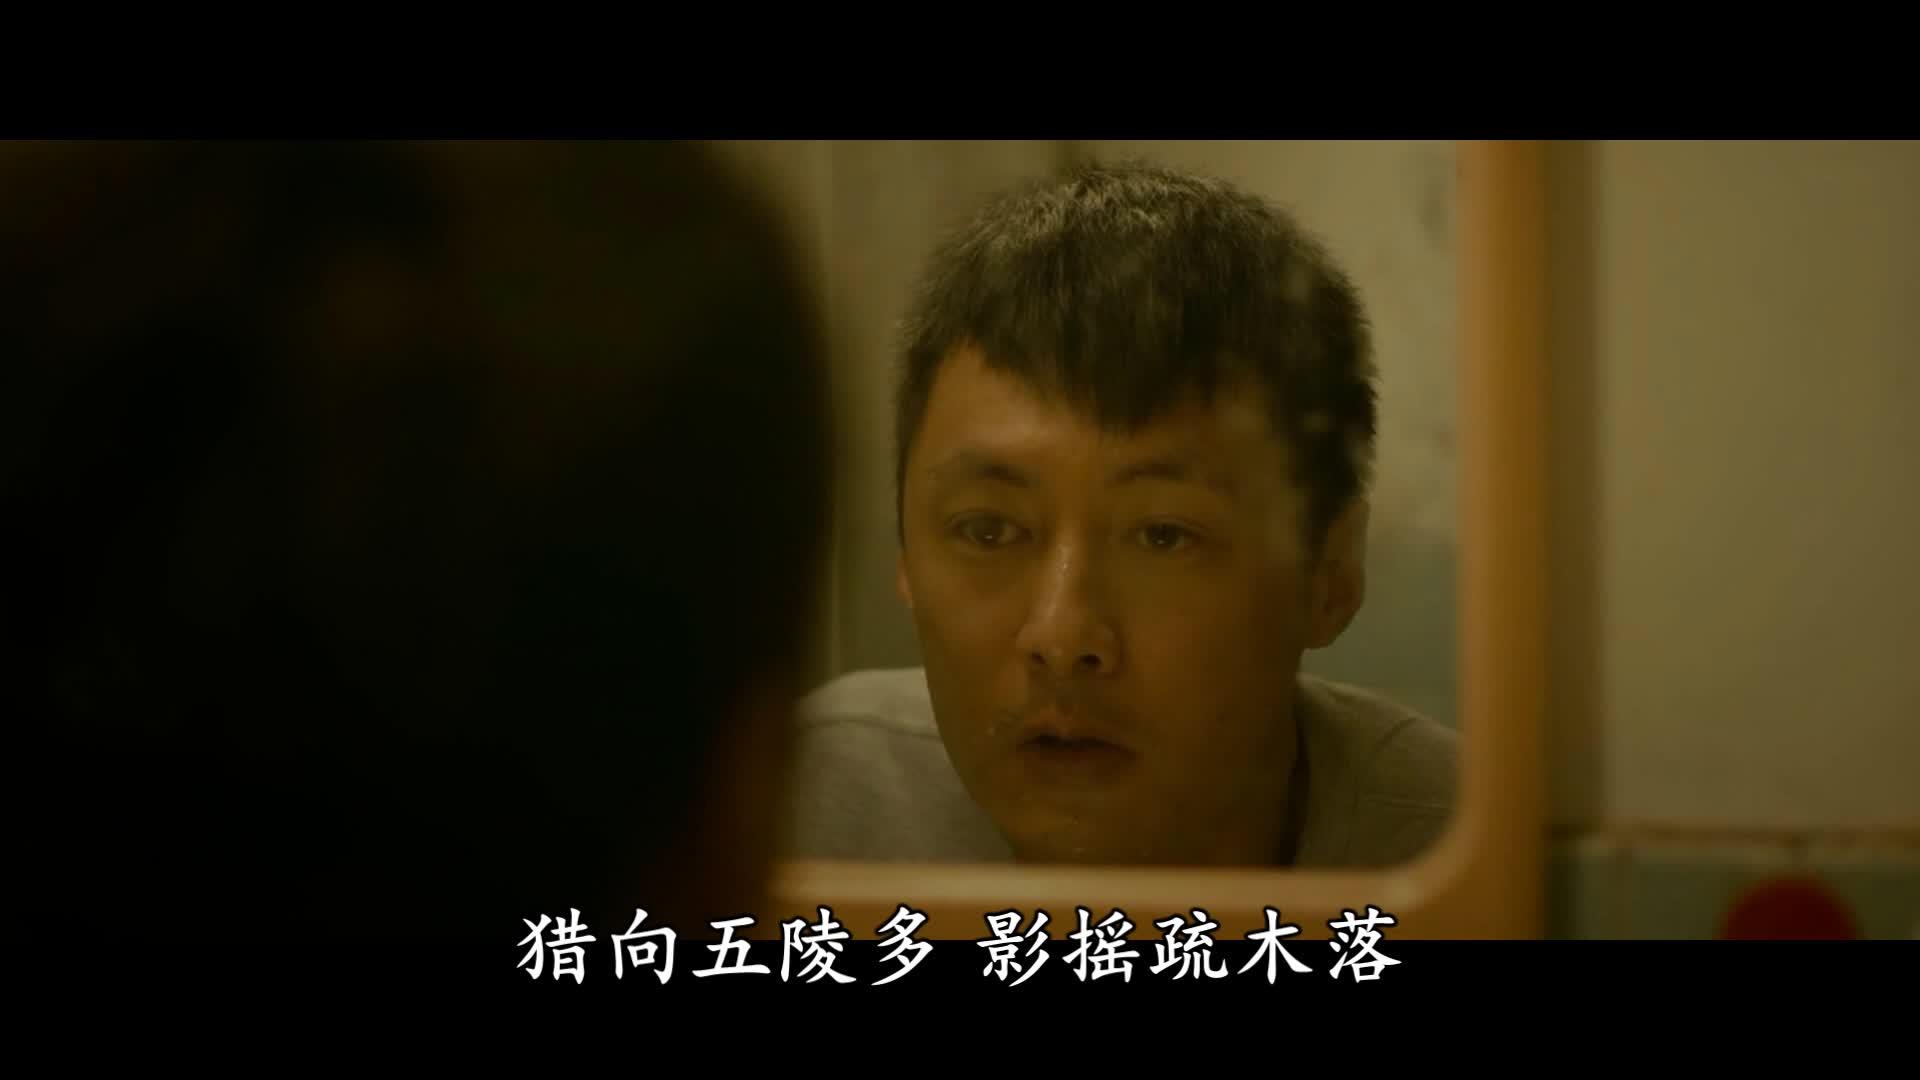 #经典看电影#仅投资了200万的电影,金燕玲只拍了1天戏,就斩获最佳女配角